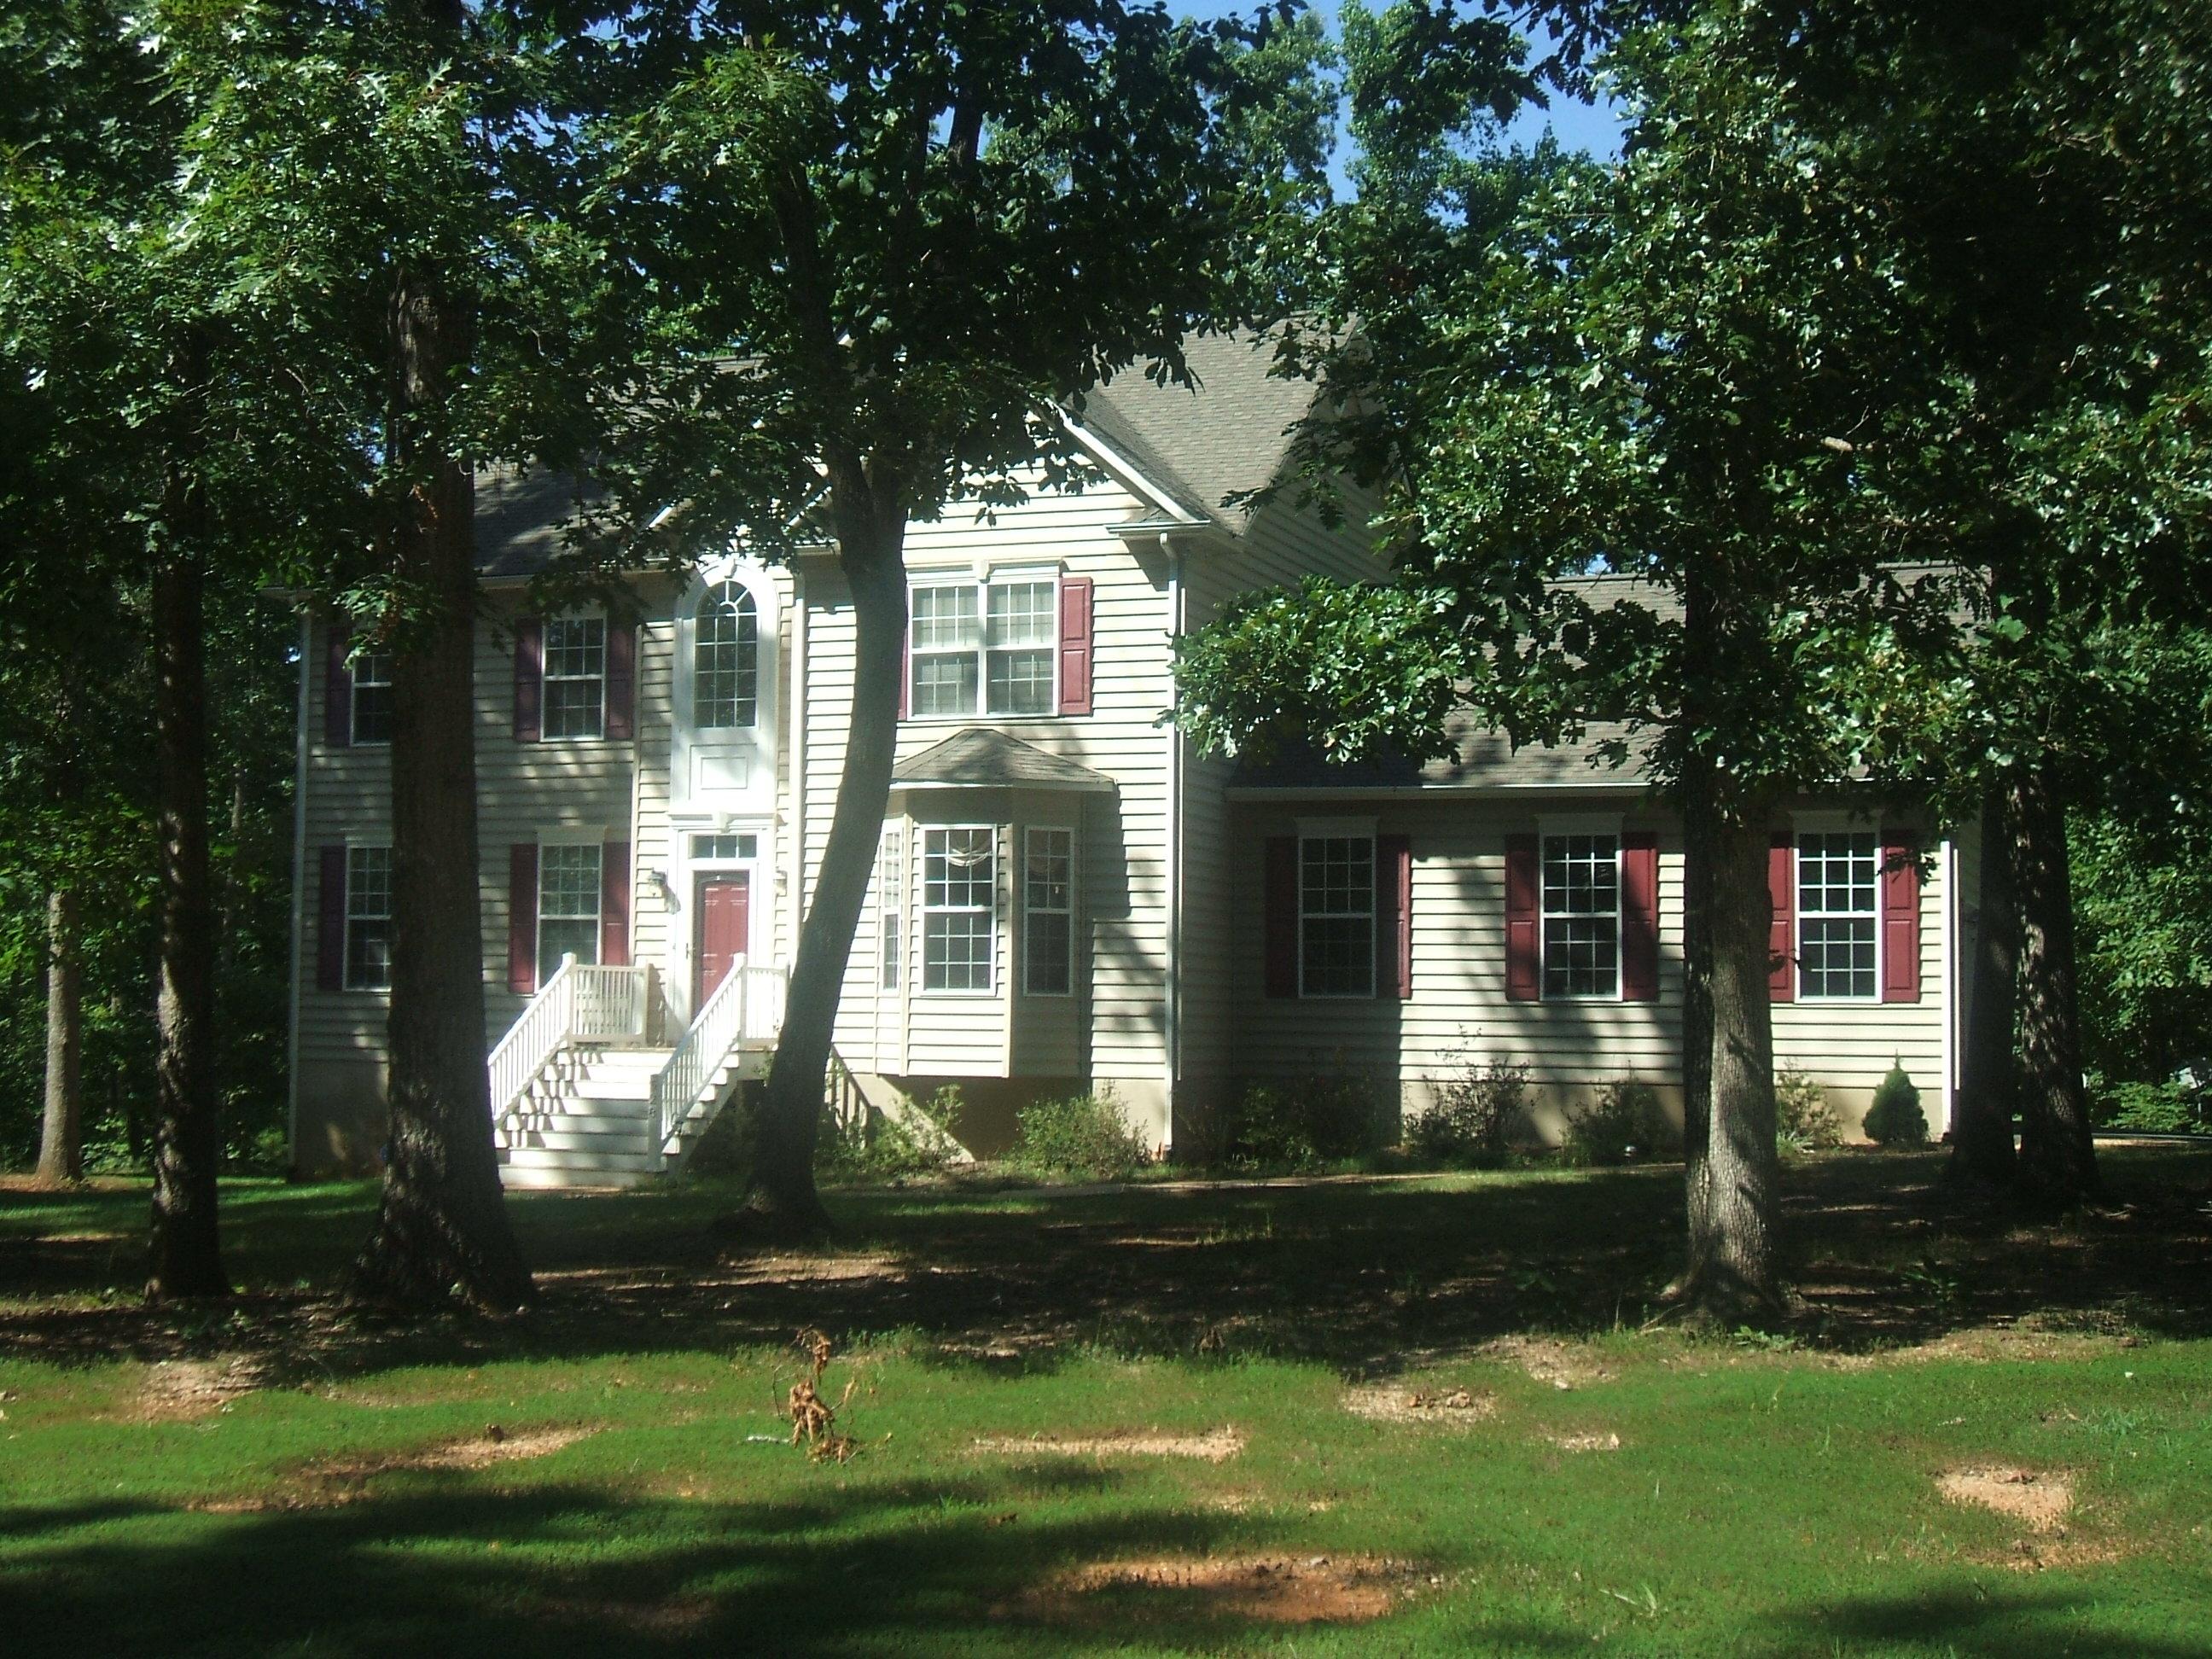 Karen's House